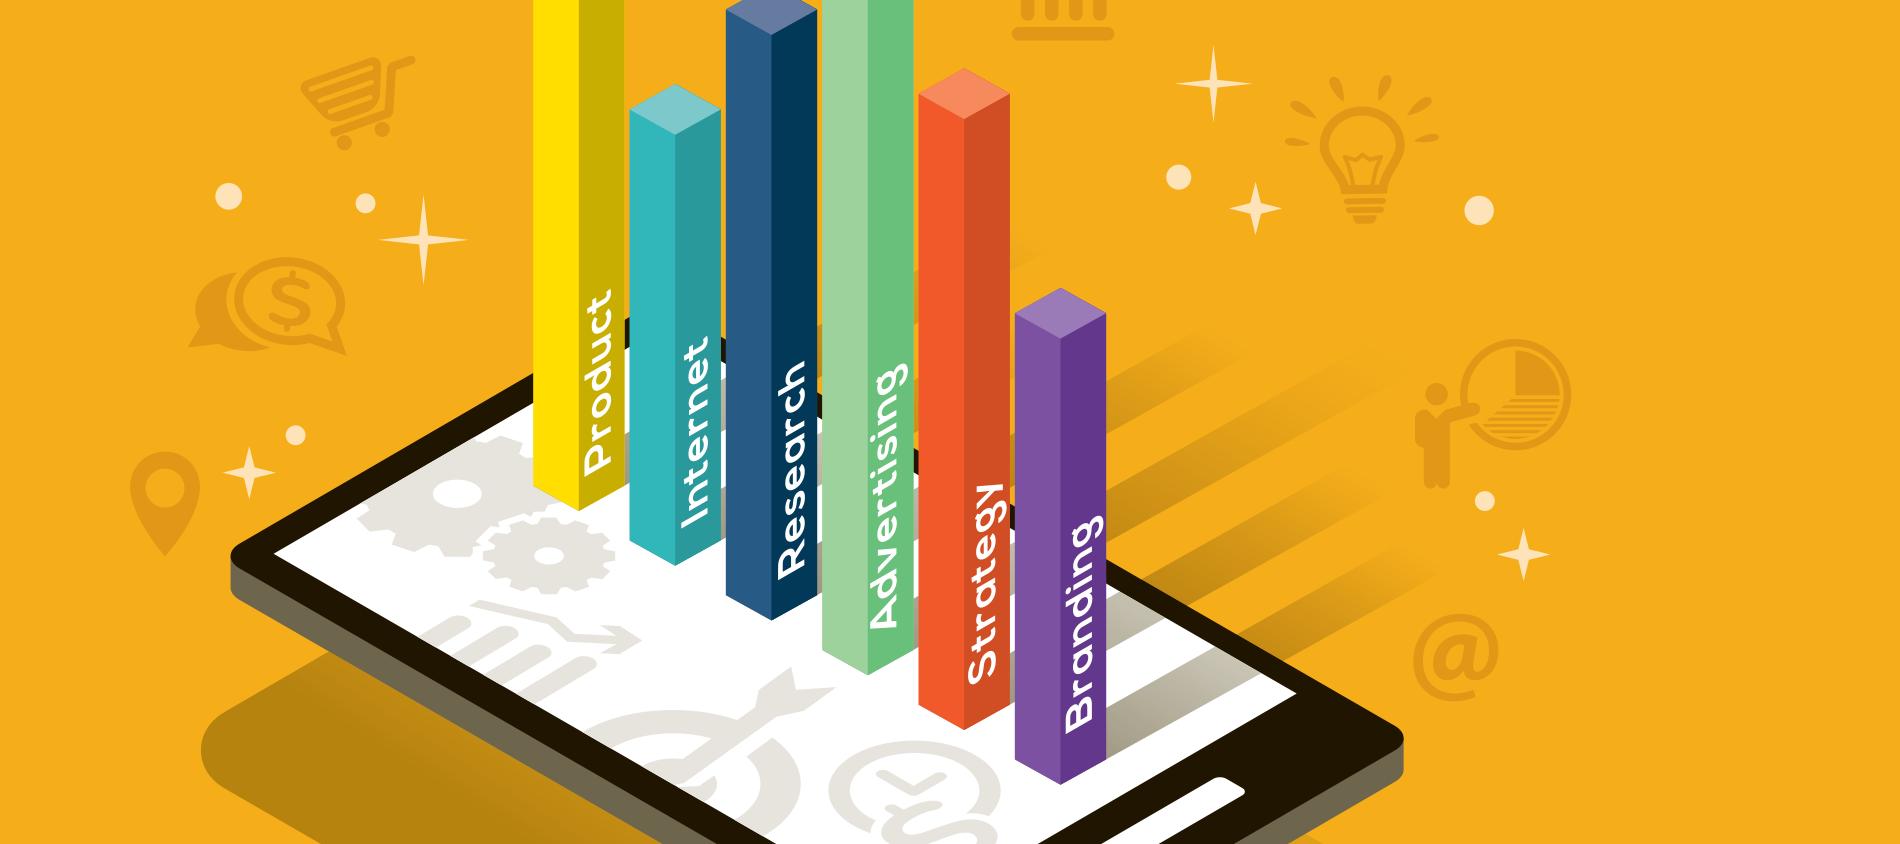 ¿Conoces los beneficios de utilizar las Marketing Digital?